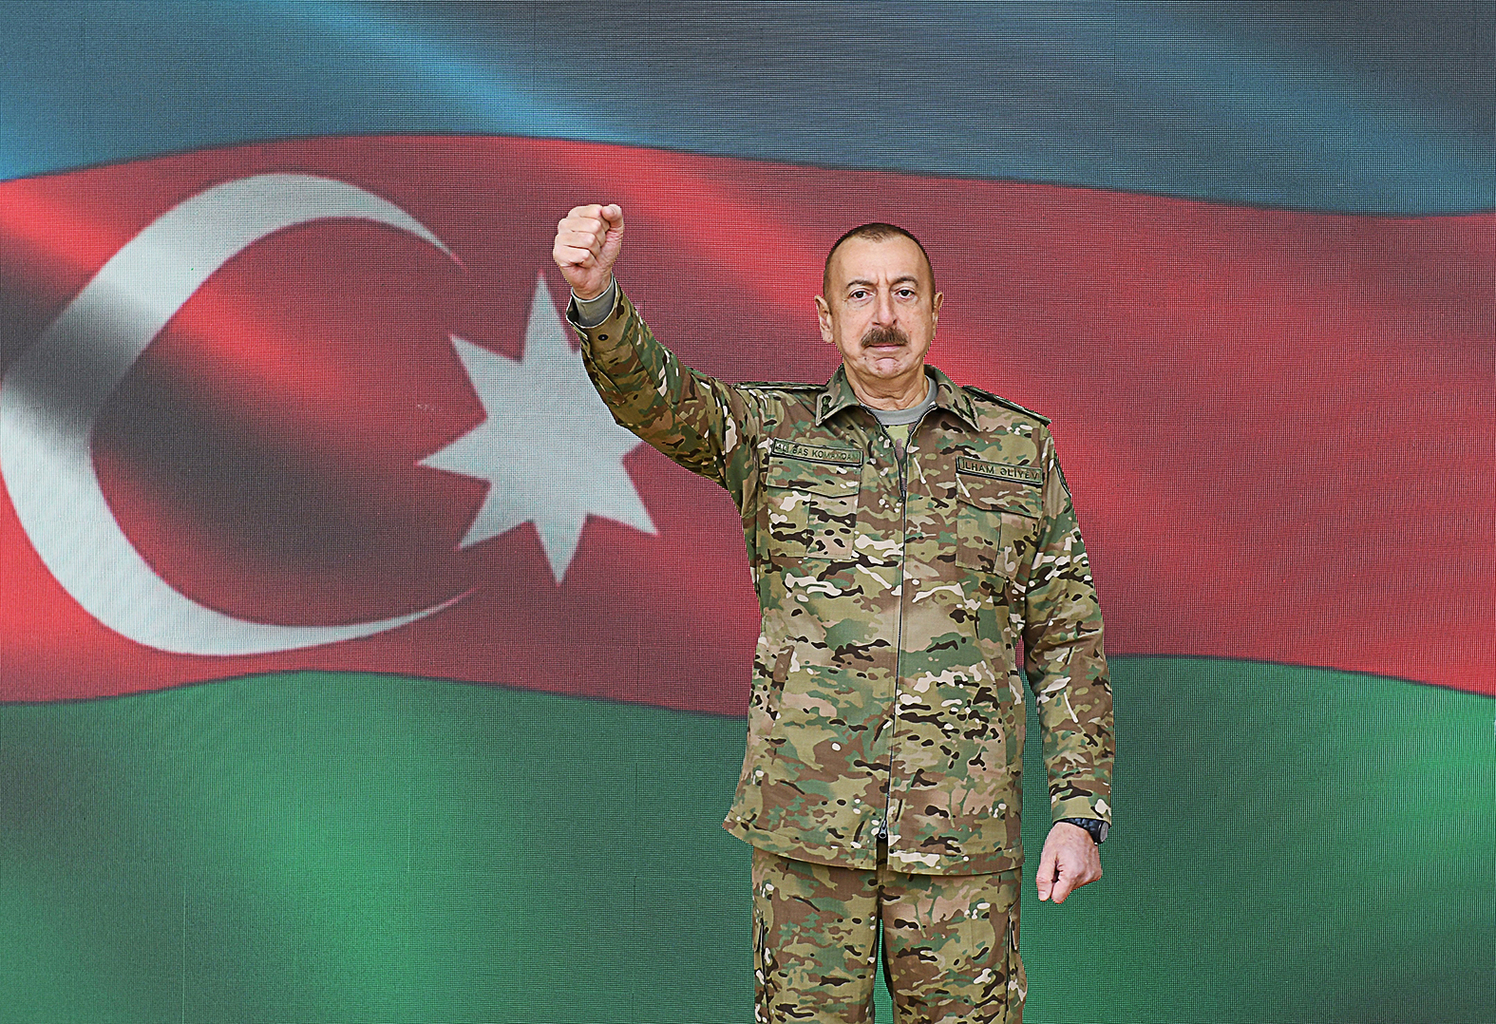 Az Ilham Aliyev vezette azeri rendszer például előszeretettel alkalmaz titokban felvett, intim jeleneteket mutató felvételeket az ellenzékiek zsarolására, megtörésére #moszkvater